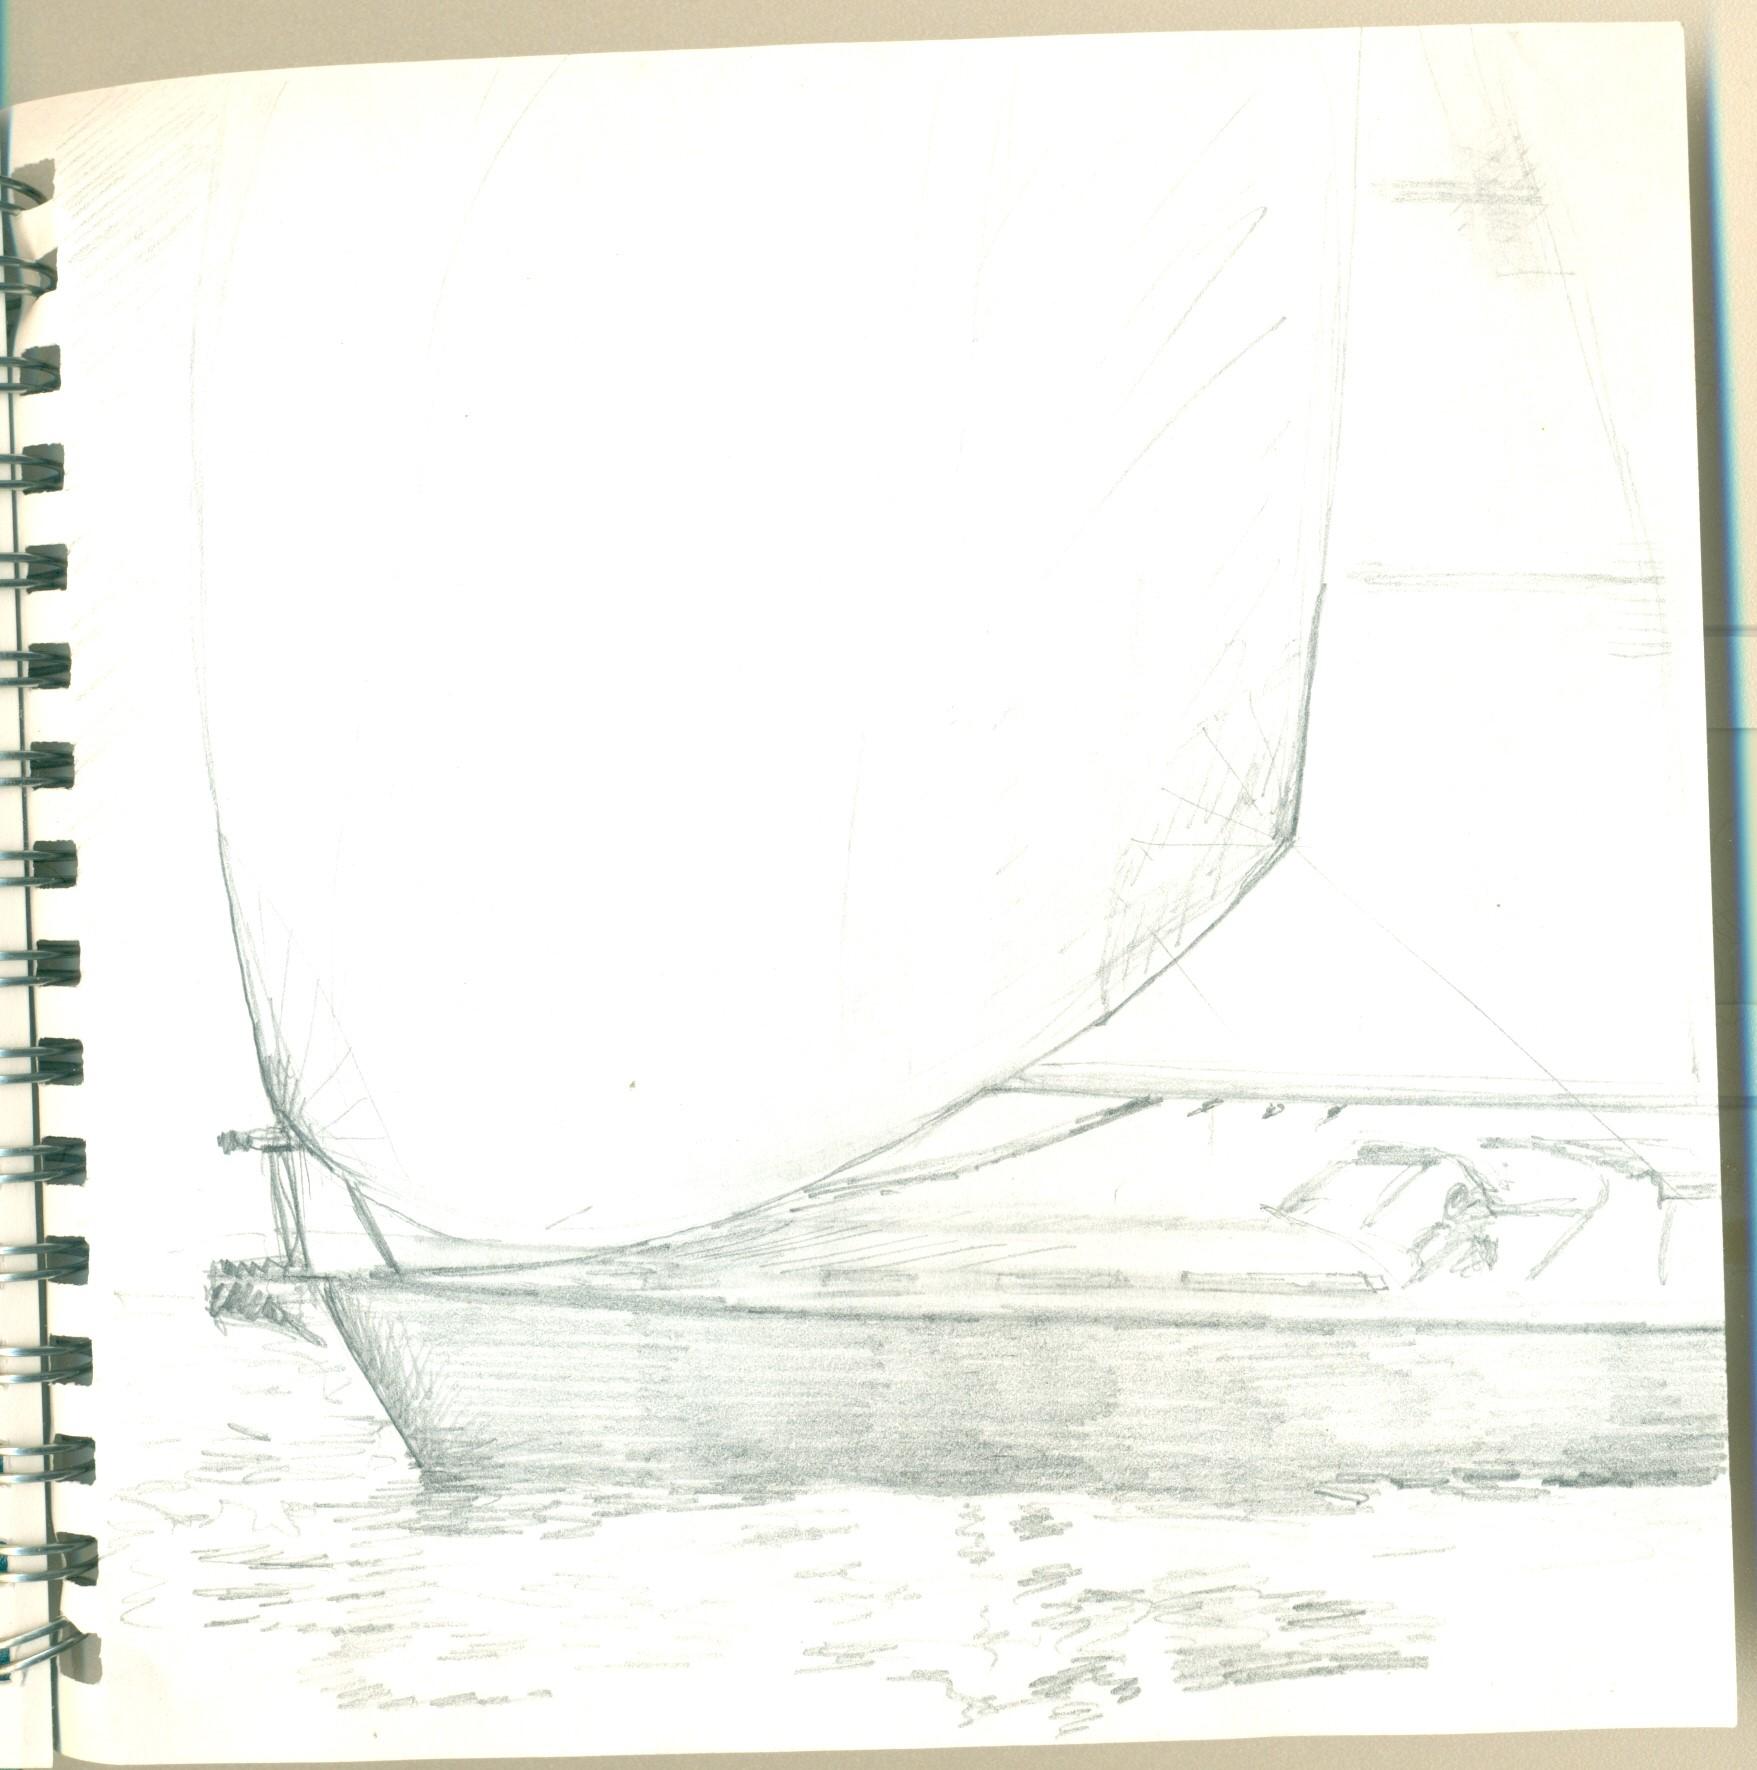 Sailing drawing 3.jpg